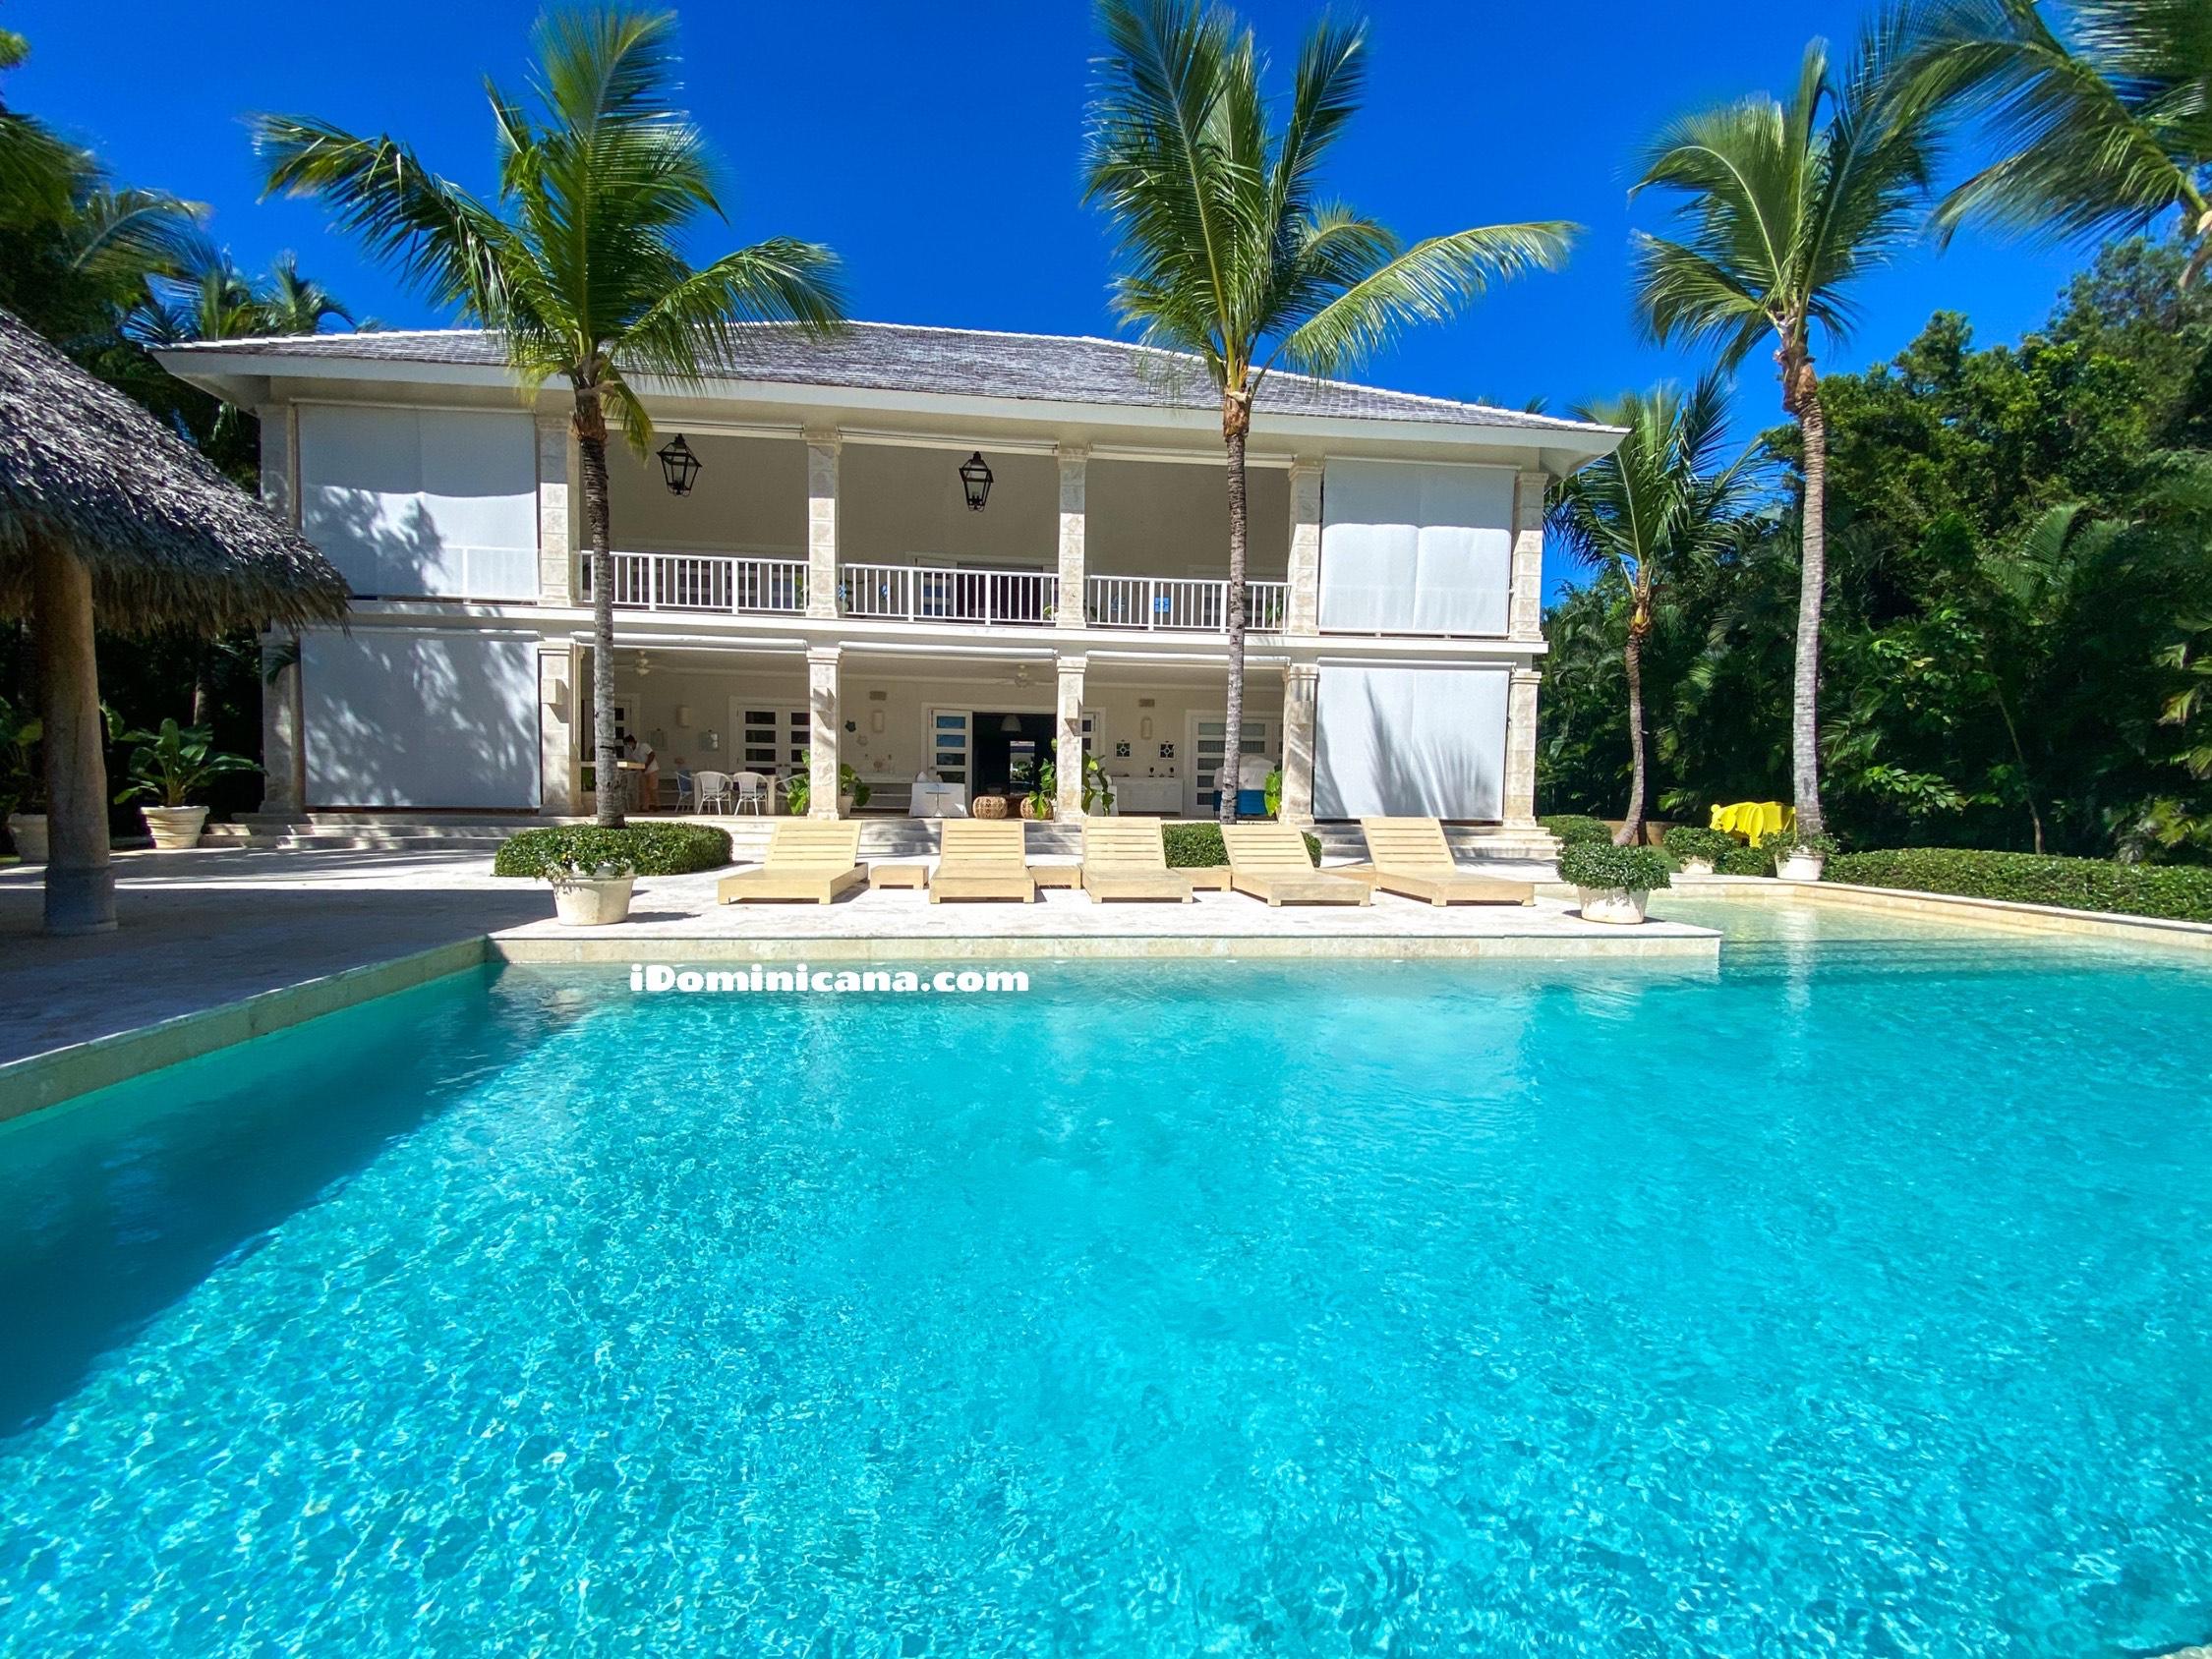 Аренда виллы в Доминикане: 6 спален, рядом с пляжем, Puntacana